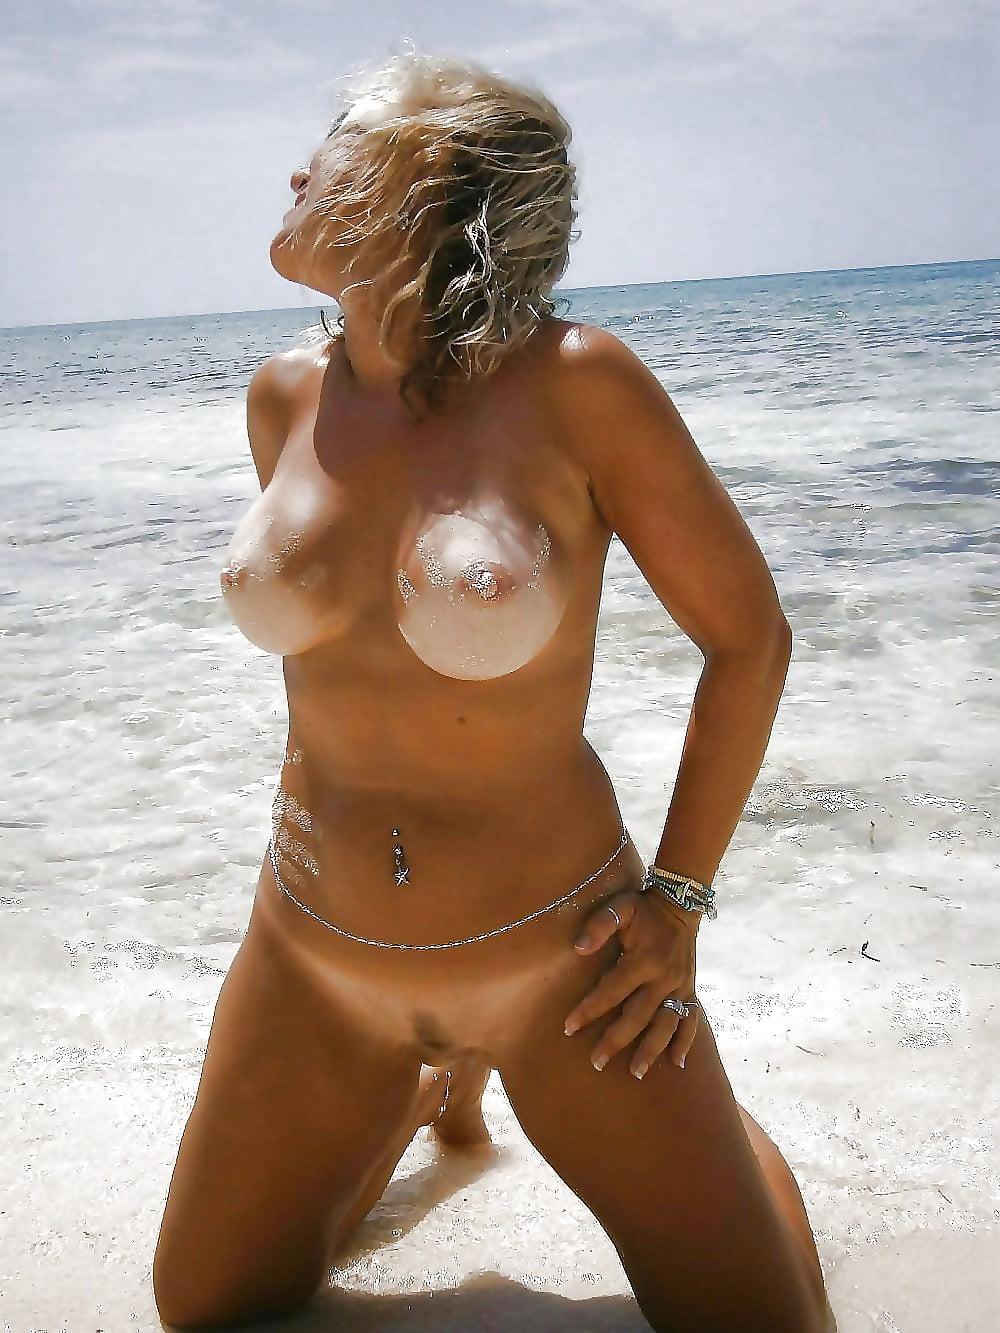 Hot Milf Beach Shoot